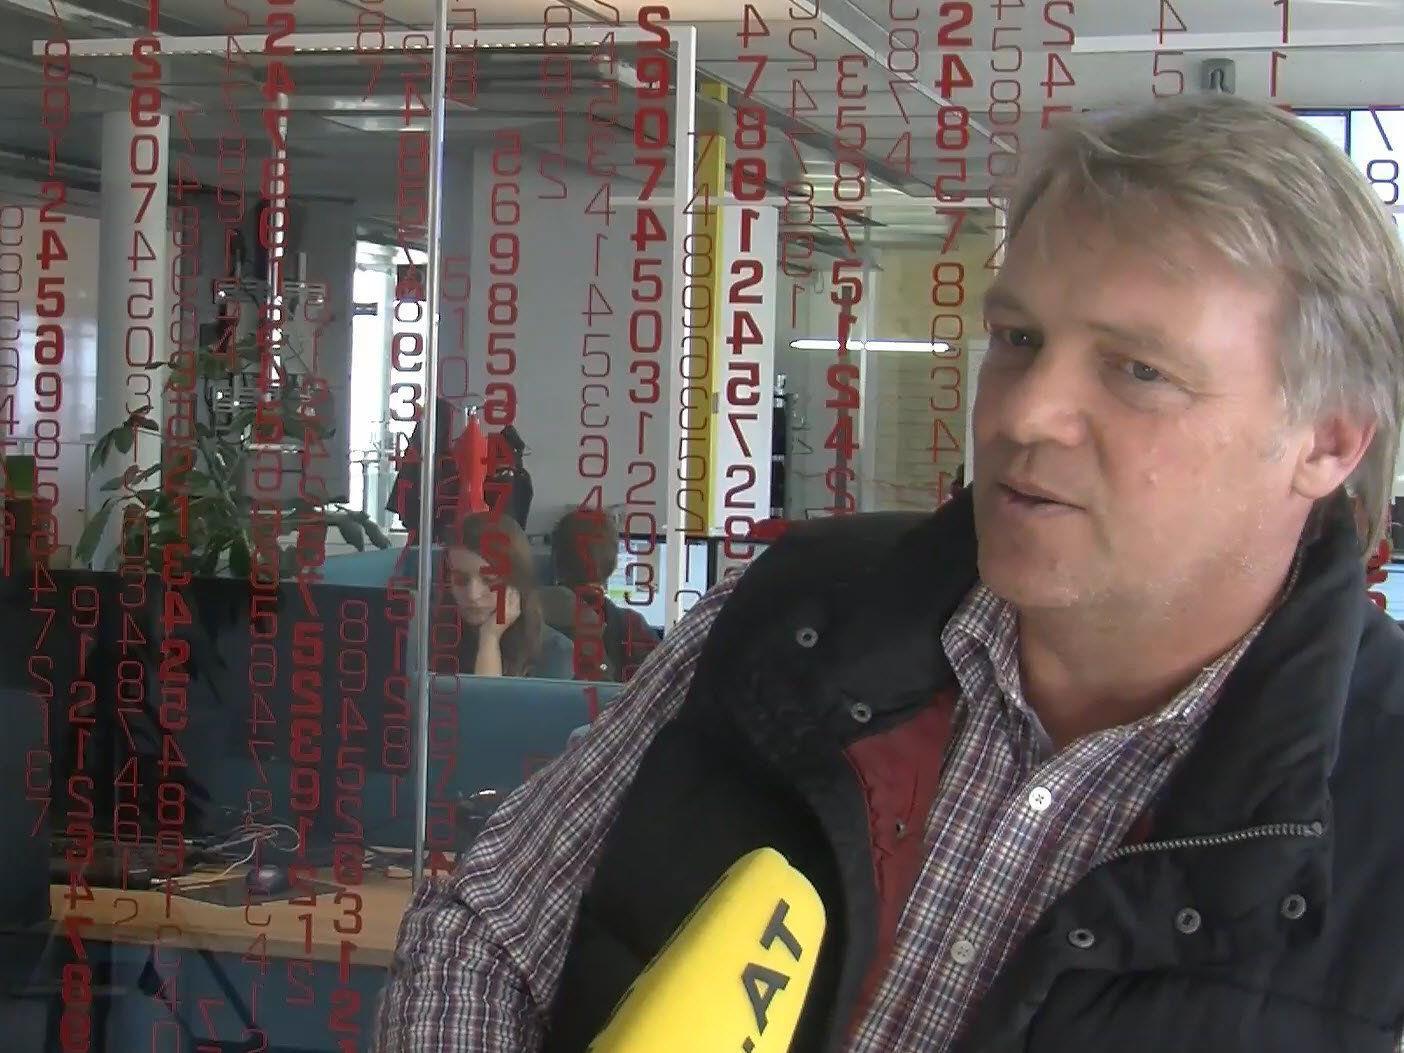 Musste in den letzten Tagen oft beruhigen: PV-Anlagenbauer Andreas Müller.